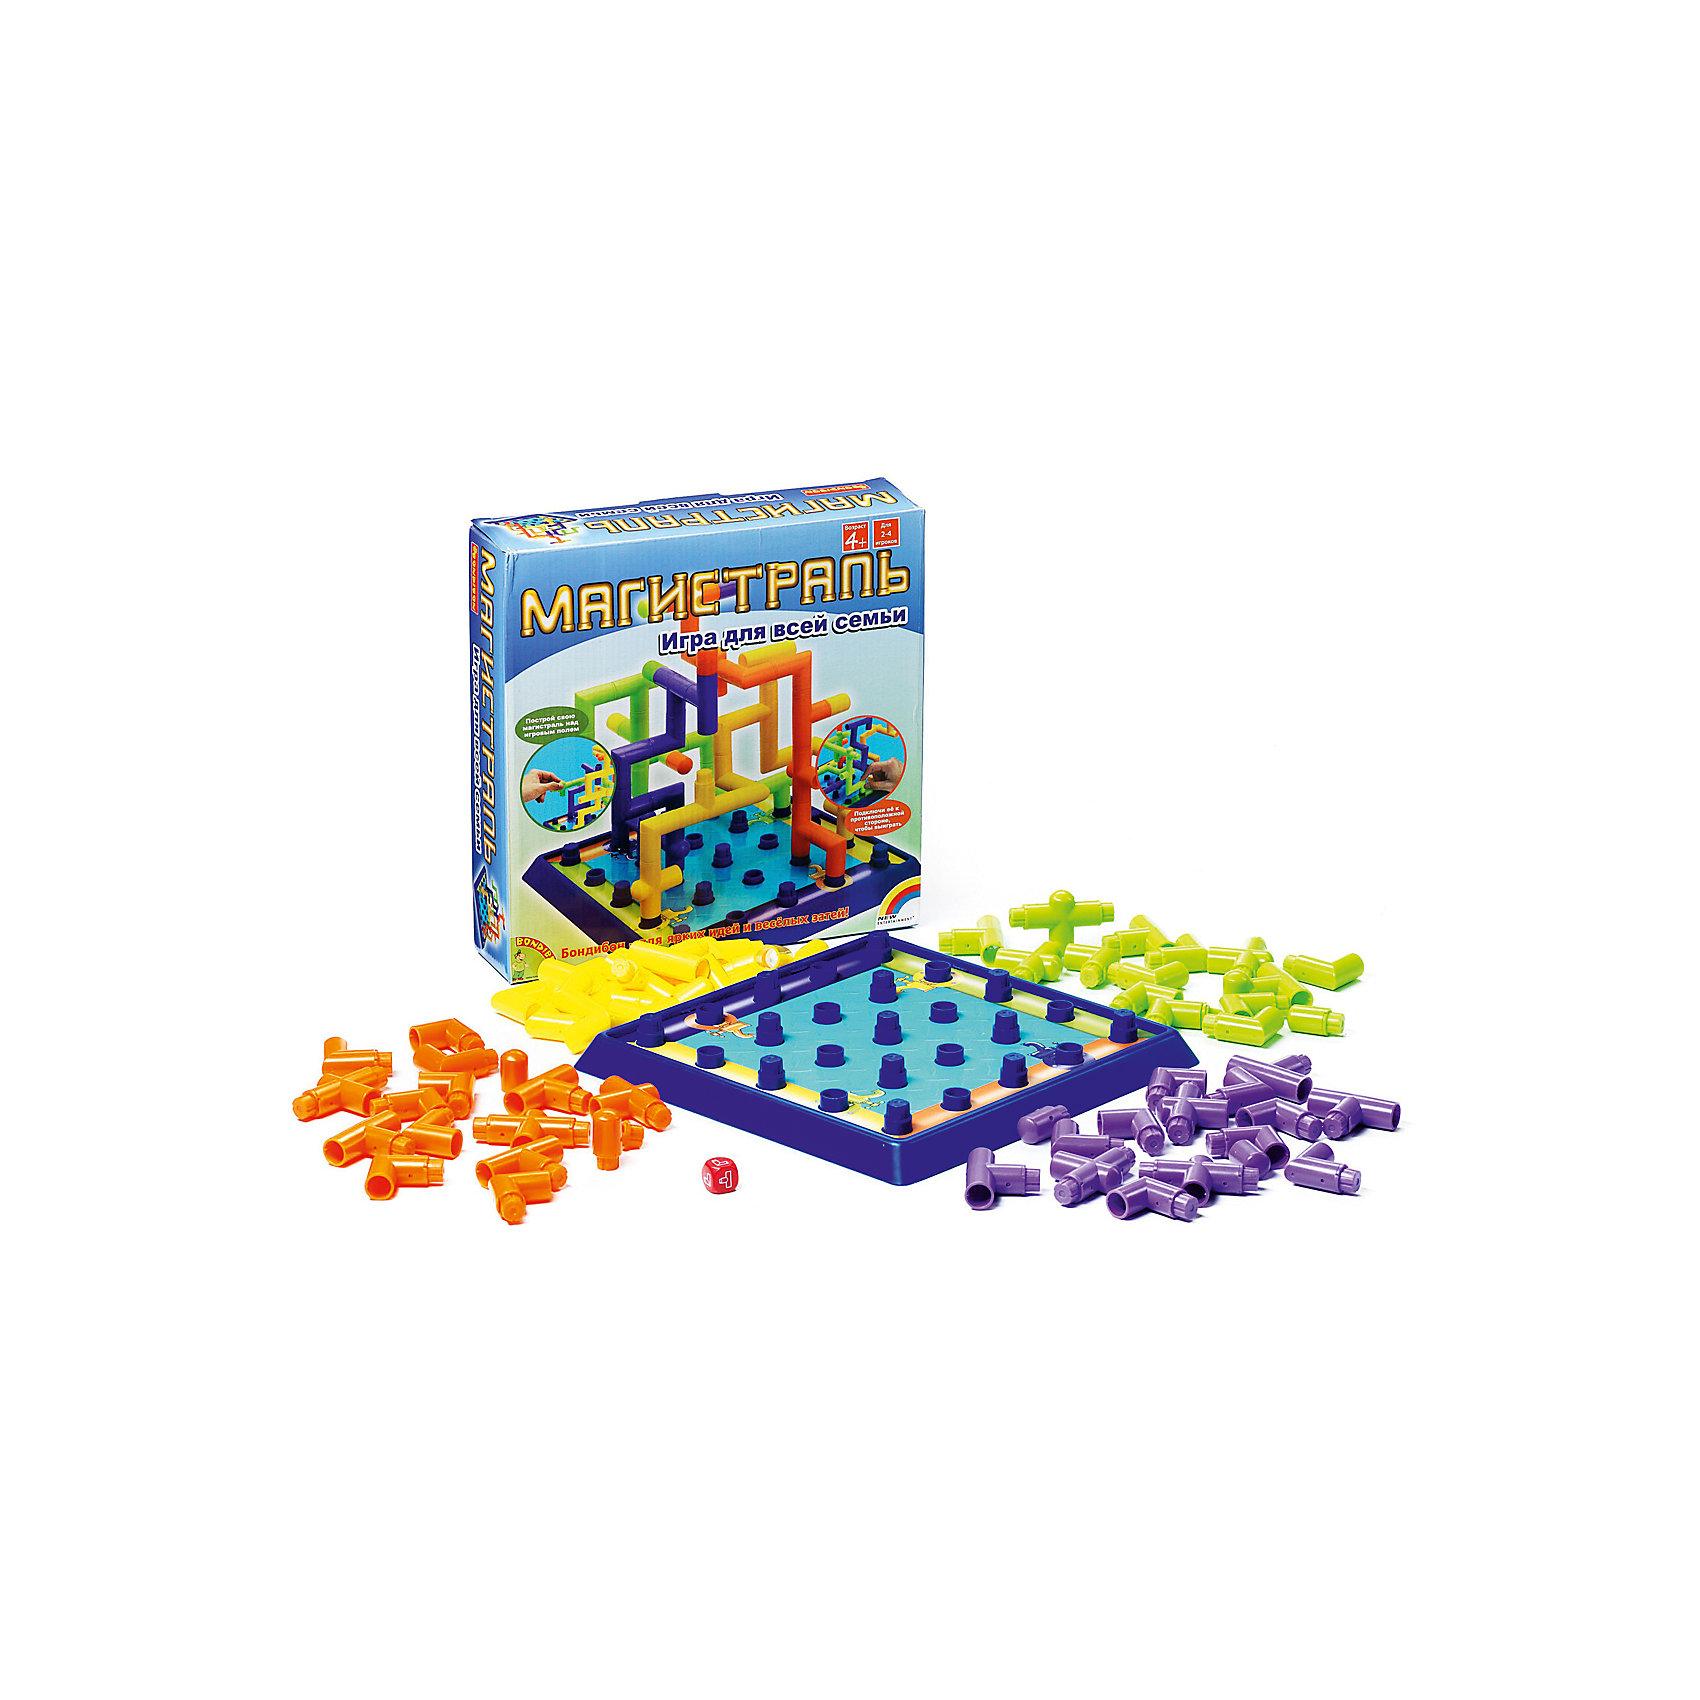 Настольная игра Магистраль (3Д игра), BondibonВеселая логическая и стратегическая игра Магистраль порадует детей и взрослых. Задача игры: соединить элементы труб и протянуть магистраль до противоположной стороны игрового поля. Детали имеют разную форму, и придется размышлять, как быстрее завершить строительство, чтобы обогнать конкурентов. Кто первый достроит свою конструкцию, становится победителем.<br><br>Дополнительная информация:<br><br>- Возраст: от 5 лет<br>- В комплекте: игровое поле, 64 элемента для построения магистрали, кубик, инструкция<br>- Материал: пластик<br>- Размер упаковки: 27х6х27 см<br>- Вес: 0.68 кг<br><br>Настольную игру Магистраль (3Д игра), Bondibon можно купить в нашем интернет-магазине.<br><br>Ширина мм: 270<br>Глубина мм: 65<br>Высота мм: 270<br>Вес г: 684<br>Возраст от месяцев: 48<br>Возраст до месяцев: 1188<br>Пол: Унисекс<br>Возраст: Детский<br>SKU: 4864507